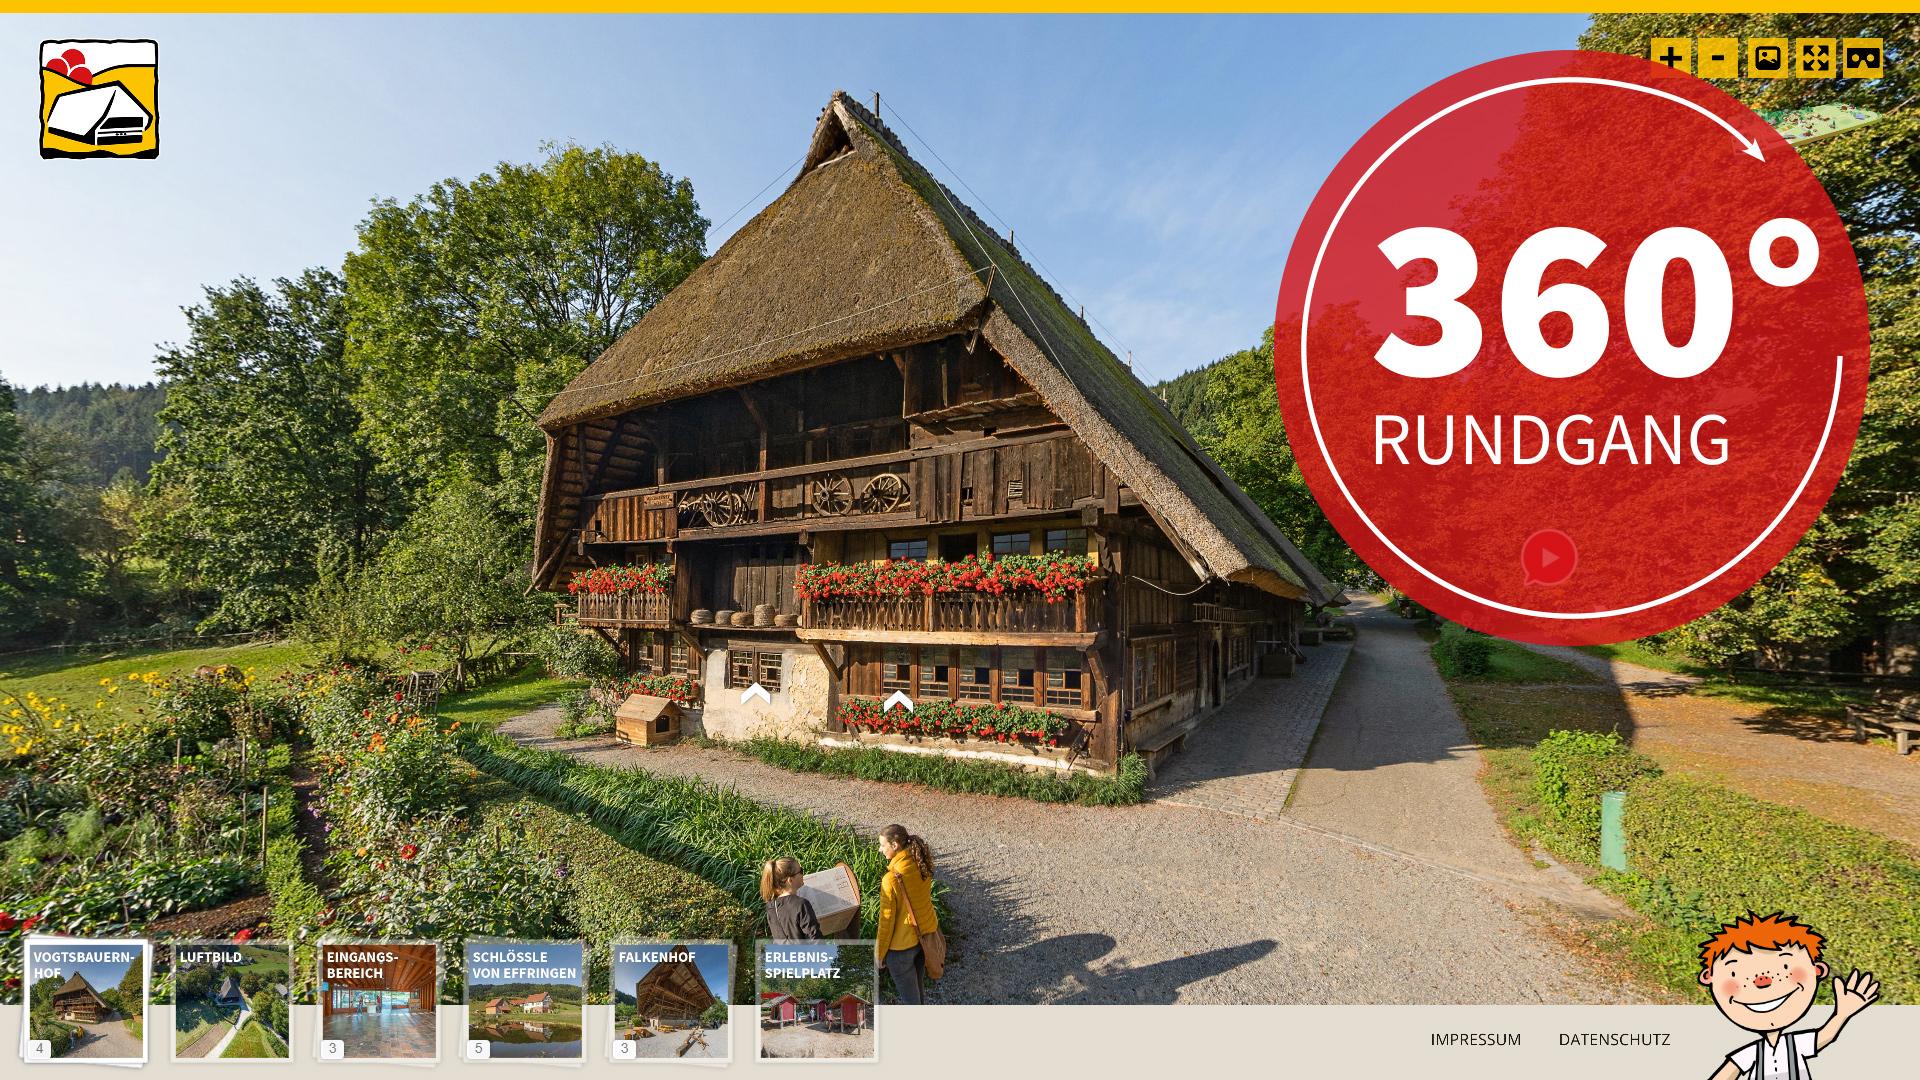 Schwarzwälder Freilichtmuseum Vogtsbauernhof -360° Rundgang